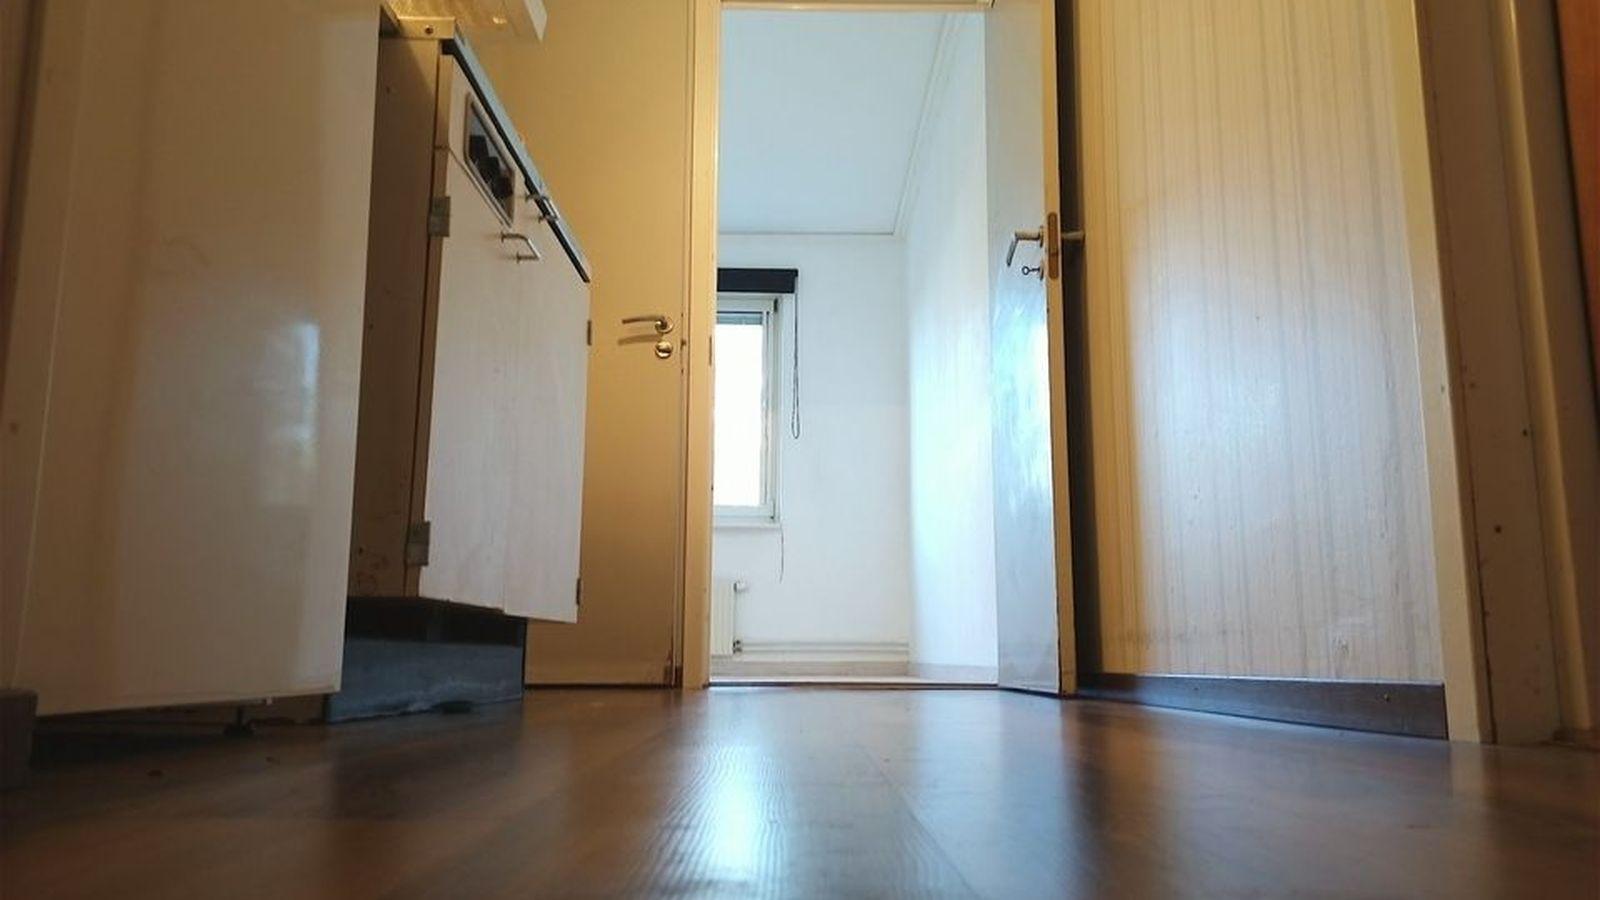 Ledig lägenhet i Södertälje